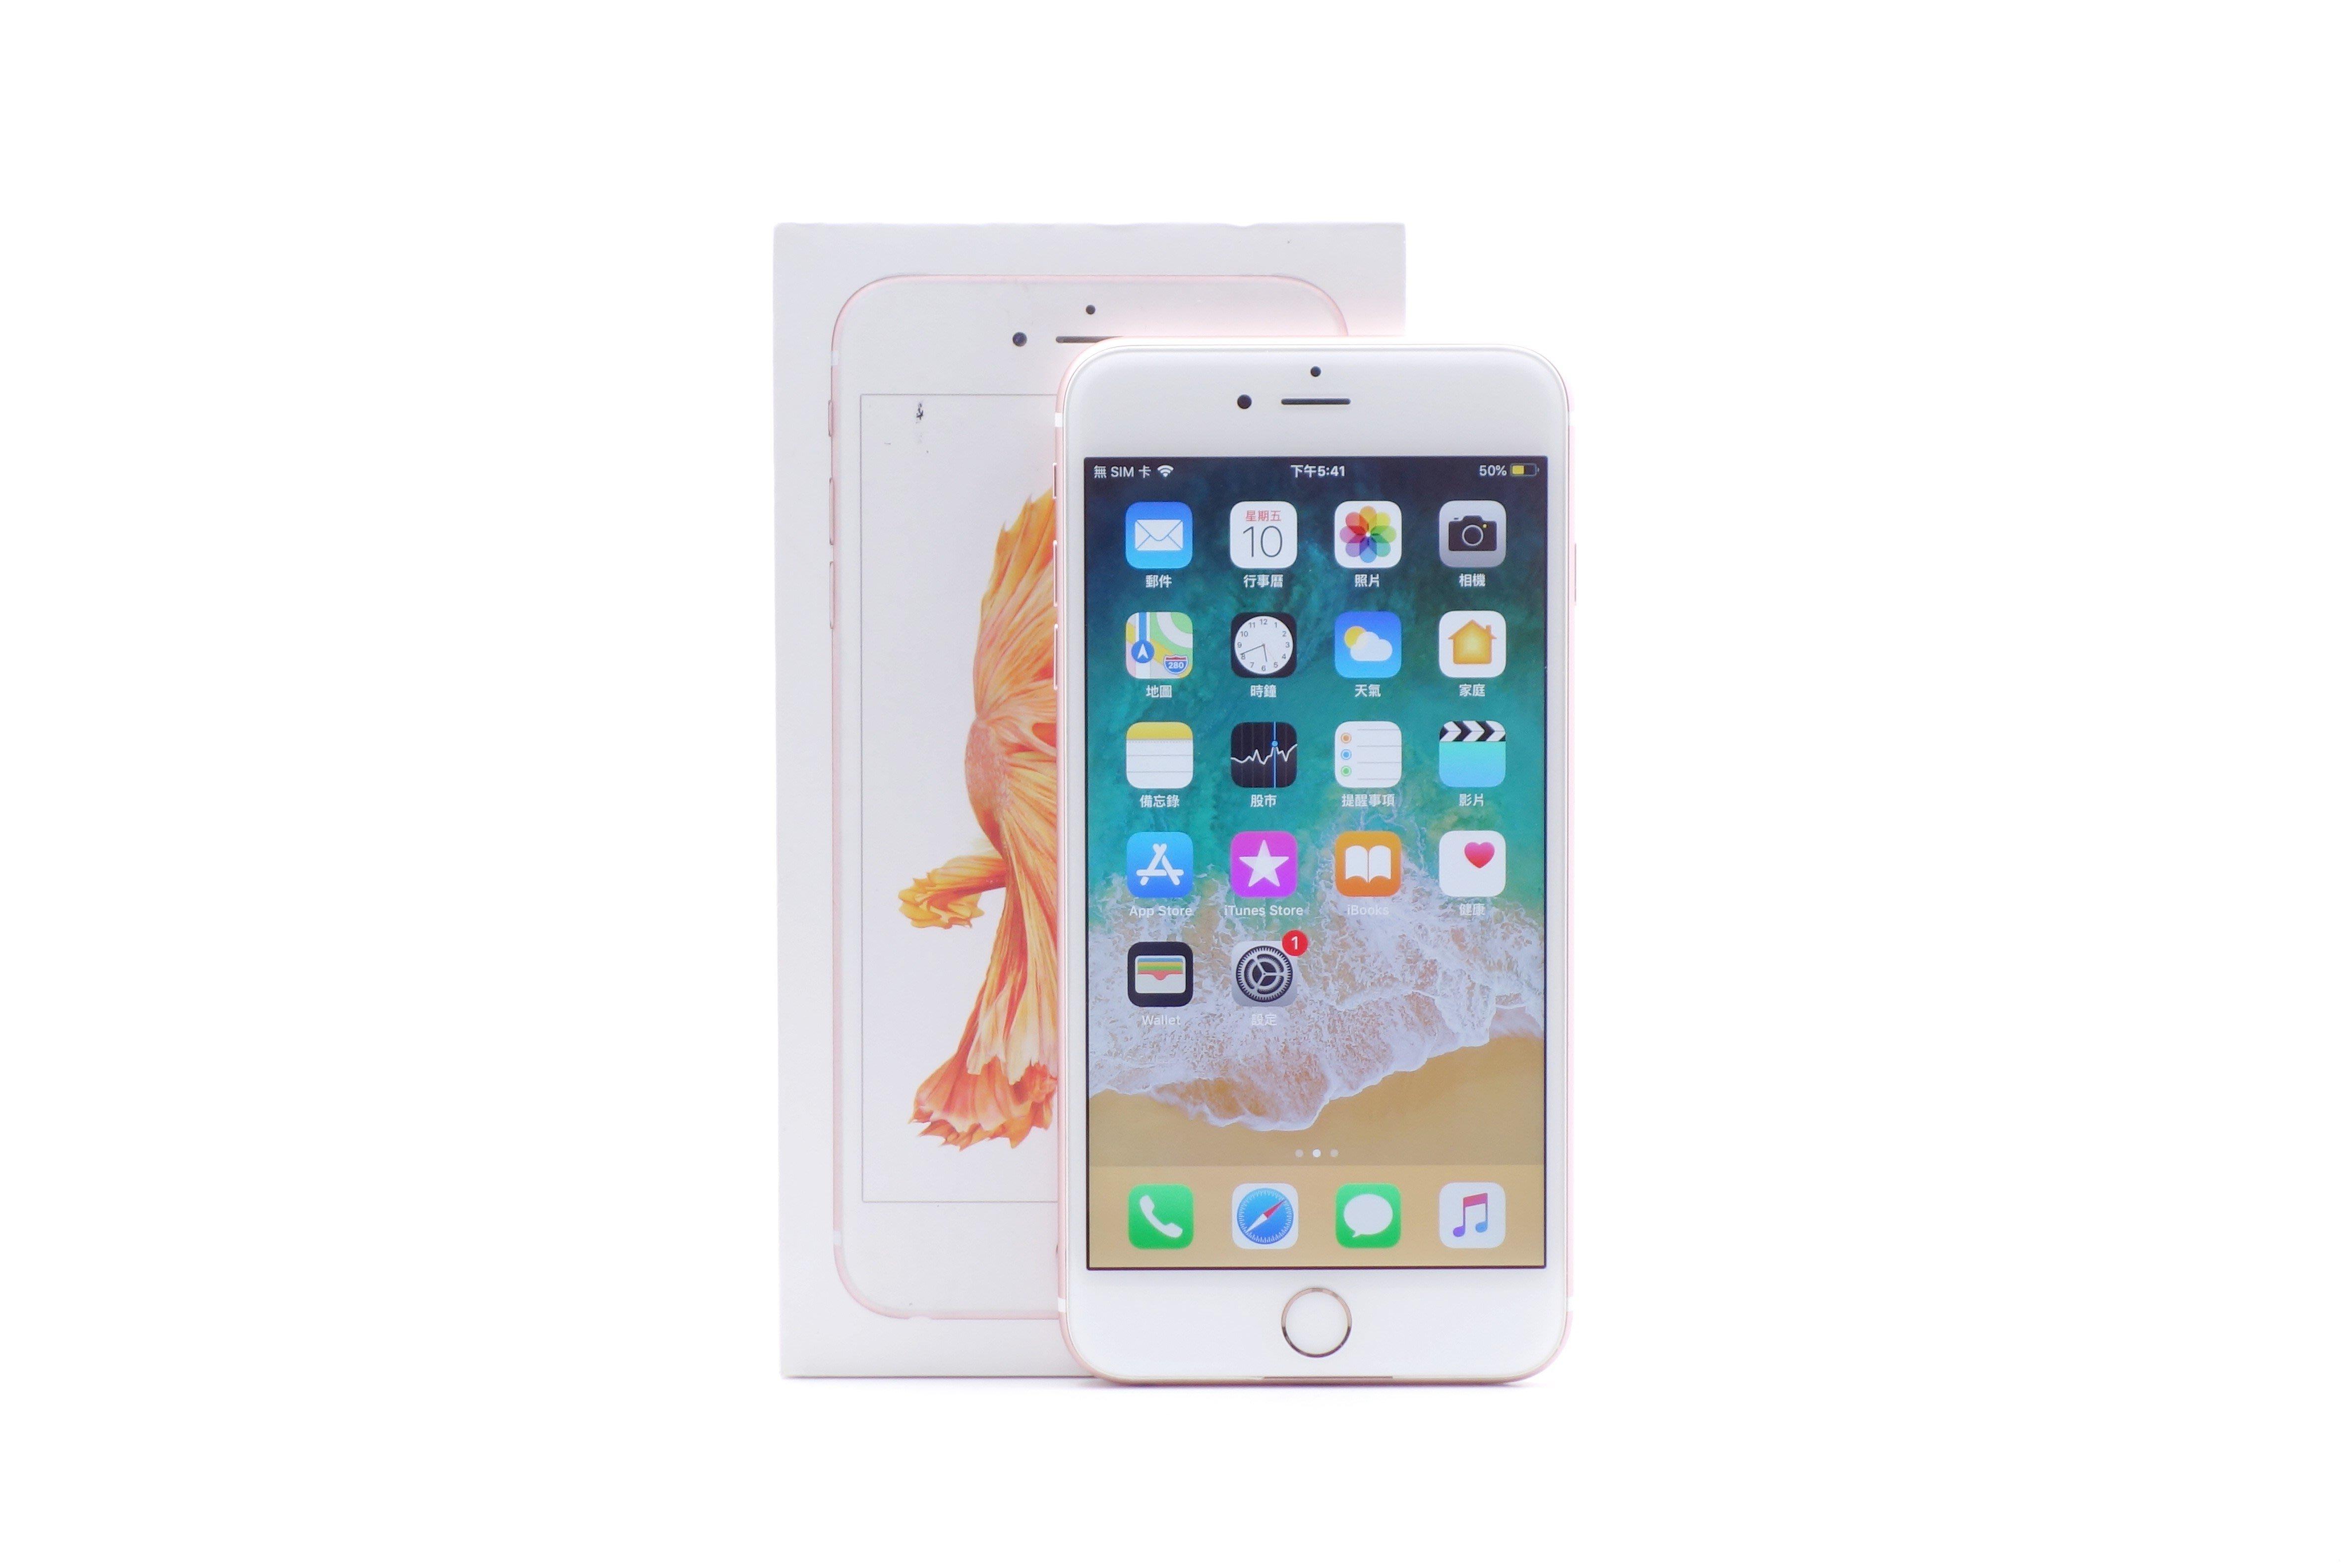 【台中青蘋果】Apple iPhone 6S Plus 玫瑰金 128G 二手 5.5吋 蘋果手機 #26194